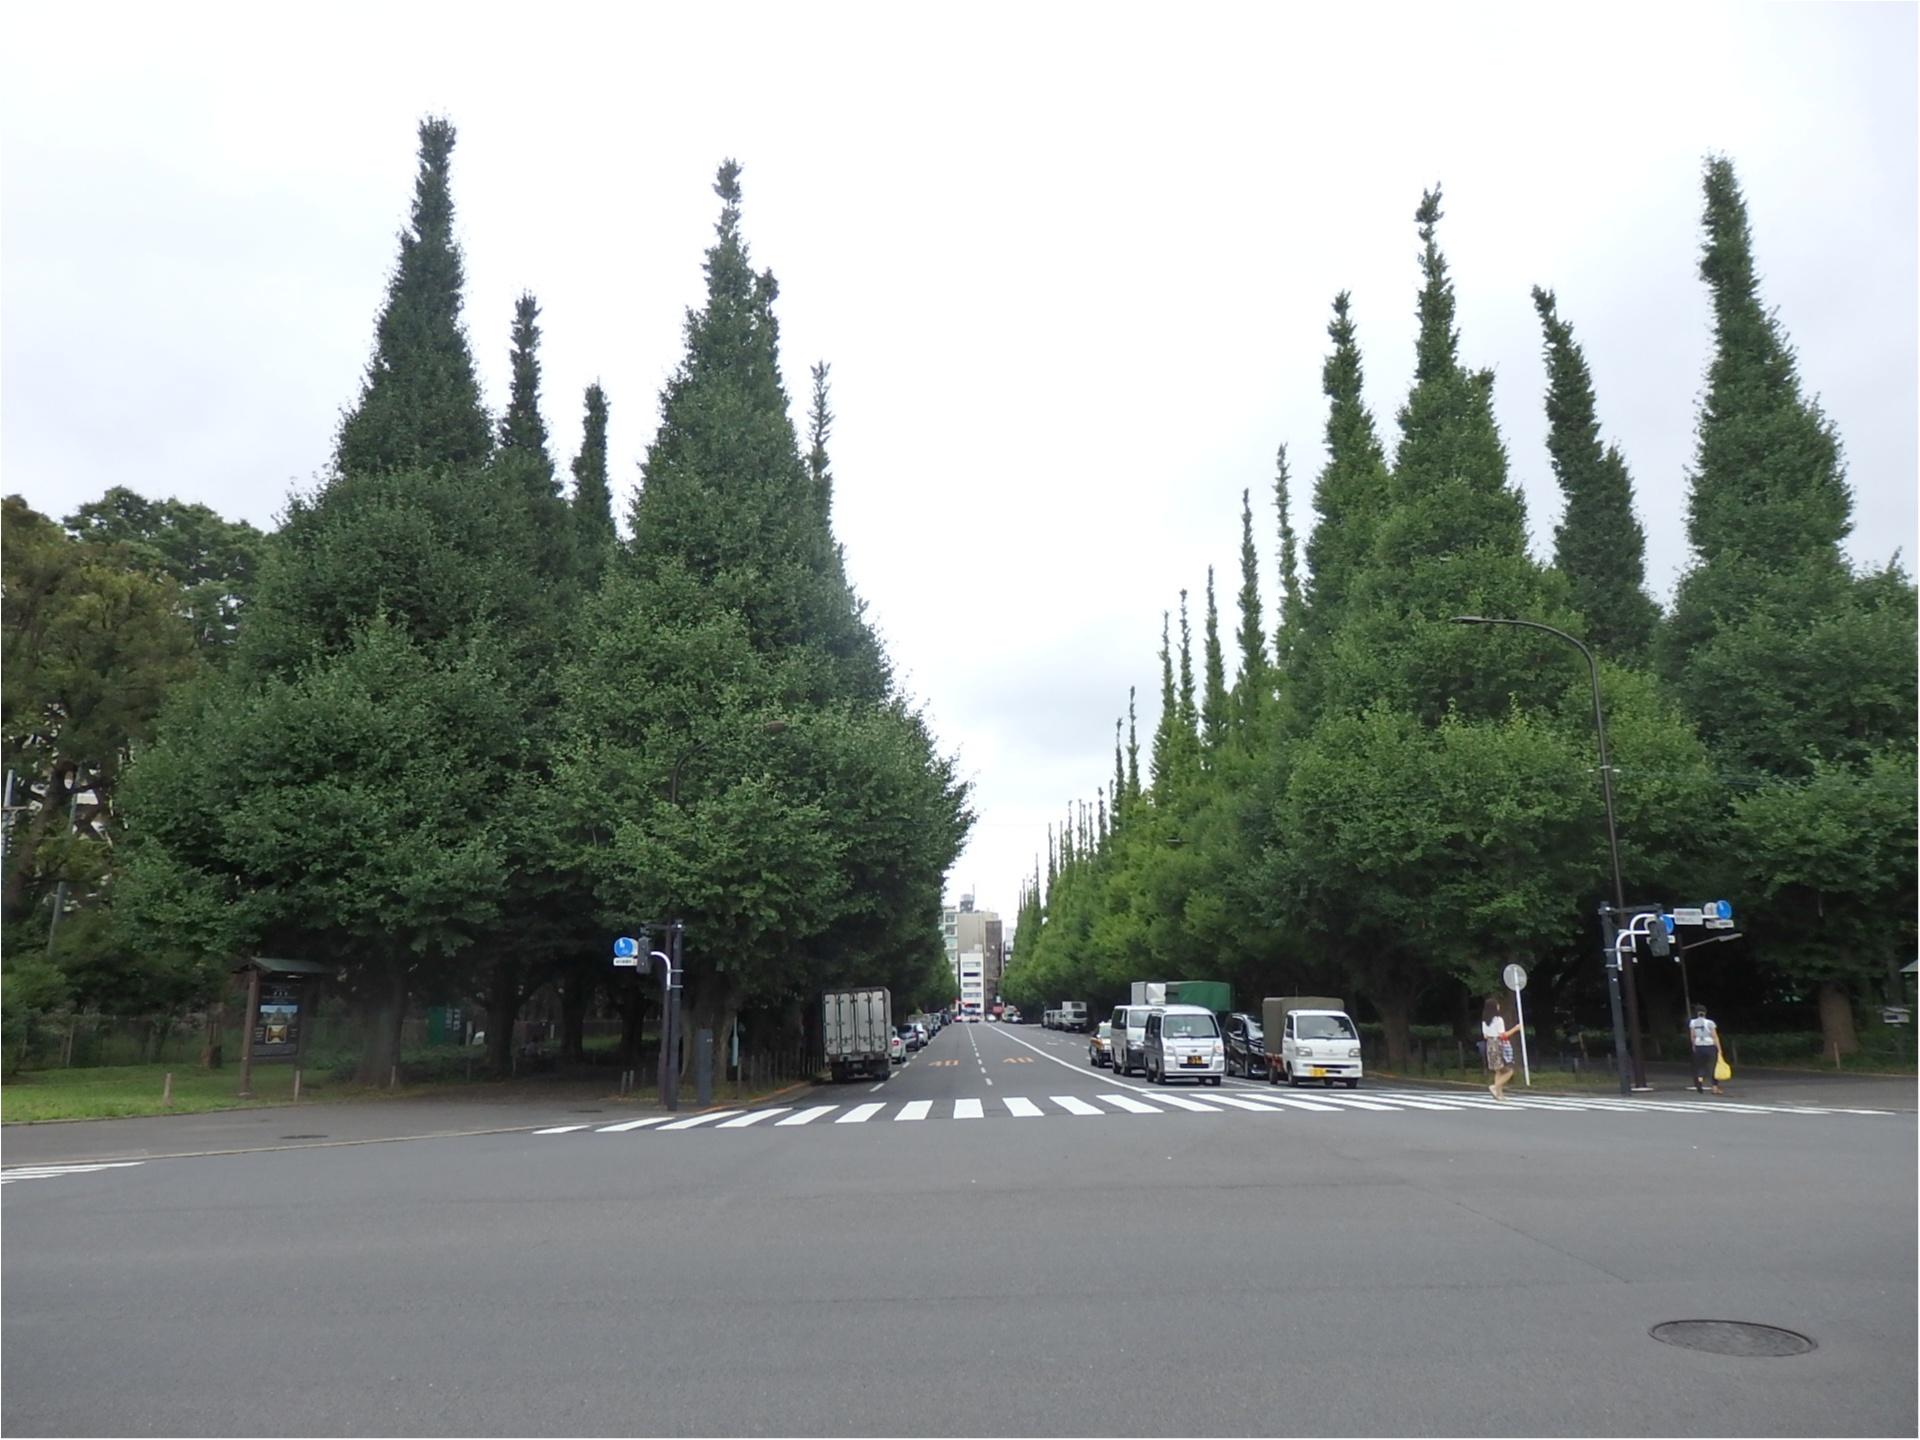 東京が小さく感じられる!ロードバイクならすいすい♪練習のお楽しみは築地で海鮮♥ #ツール・ド・東北【#モアチャレ あかね】_7